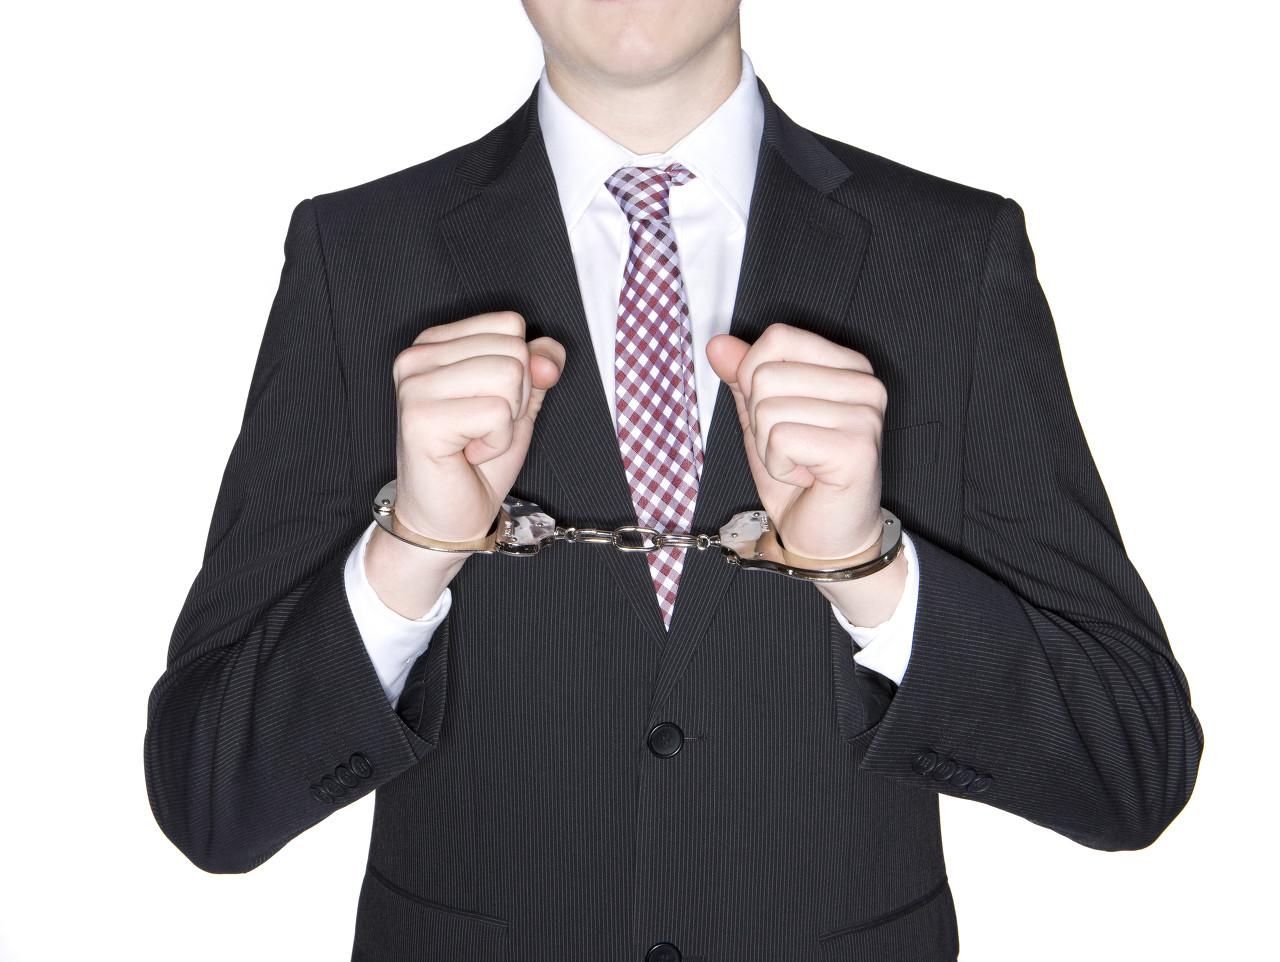 《返利網靠不靠譜啊》欠了哪些網貸平臺的錢未還會被起訴?會坐牢嗎?